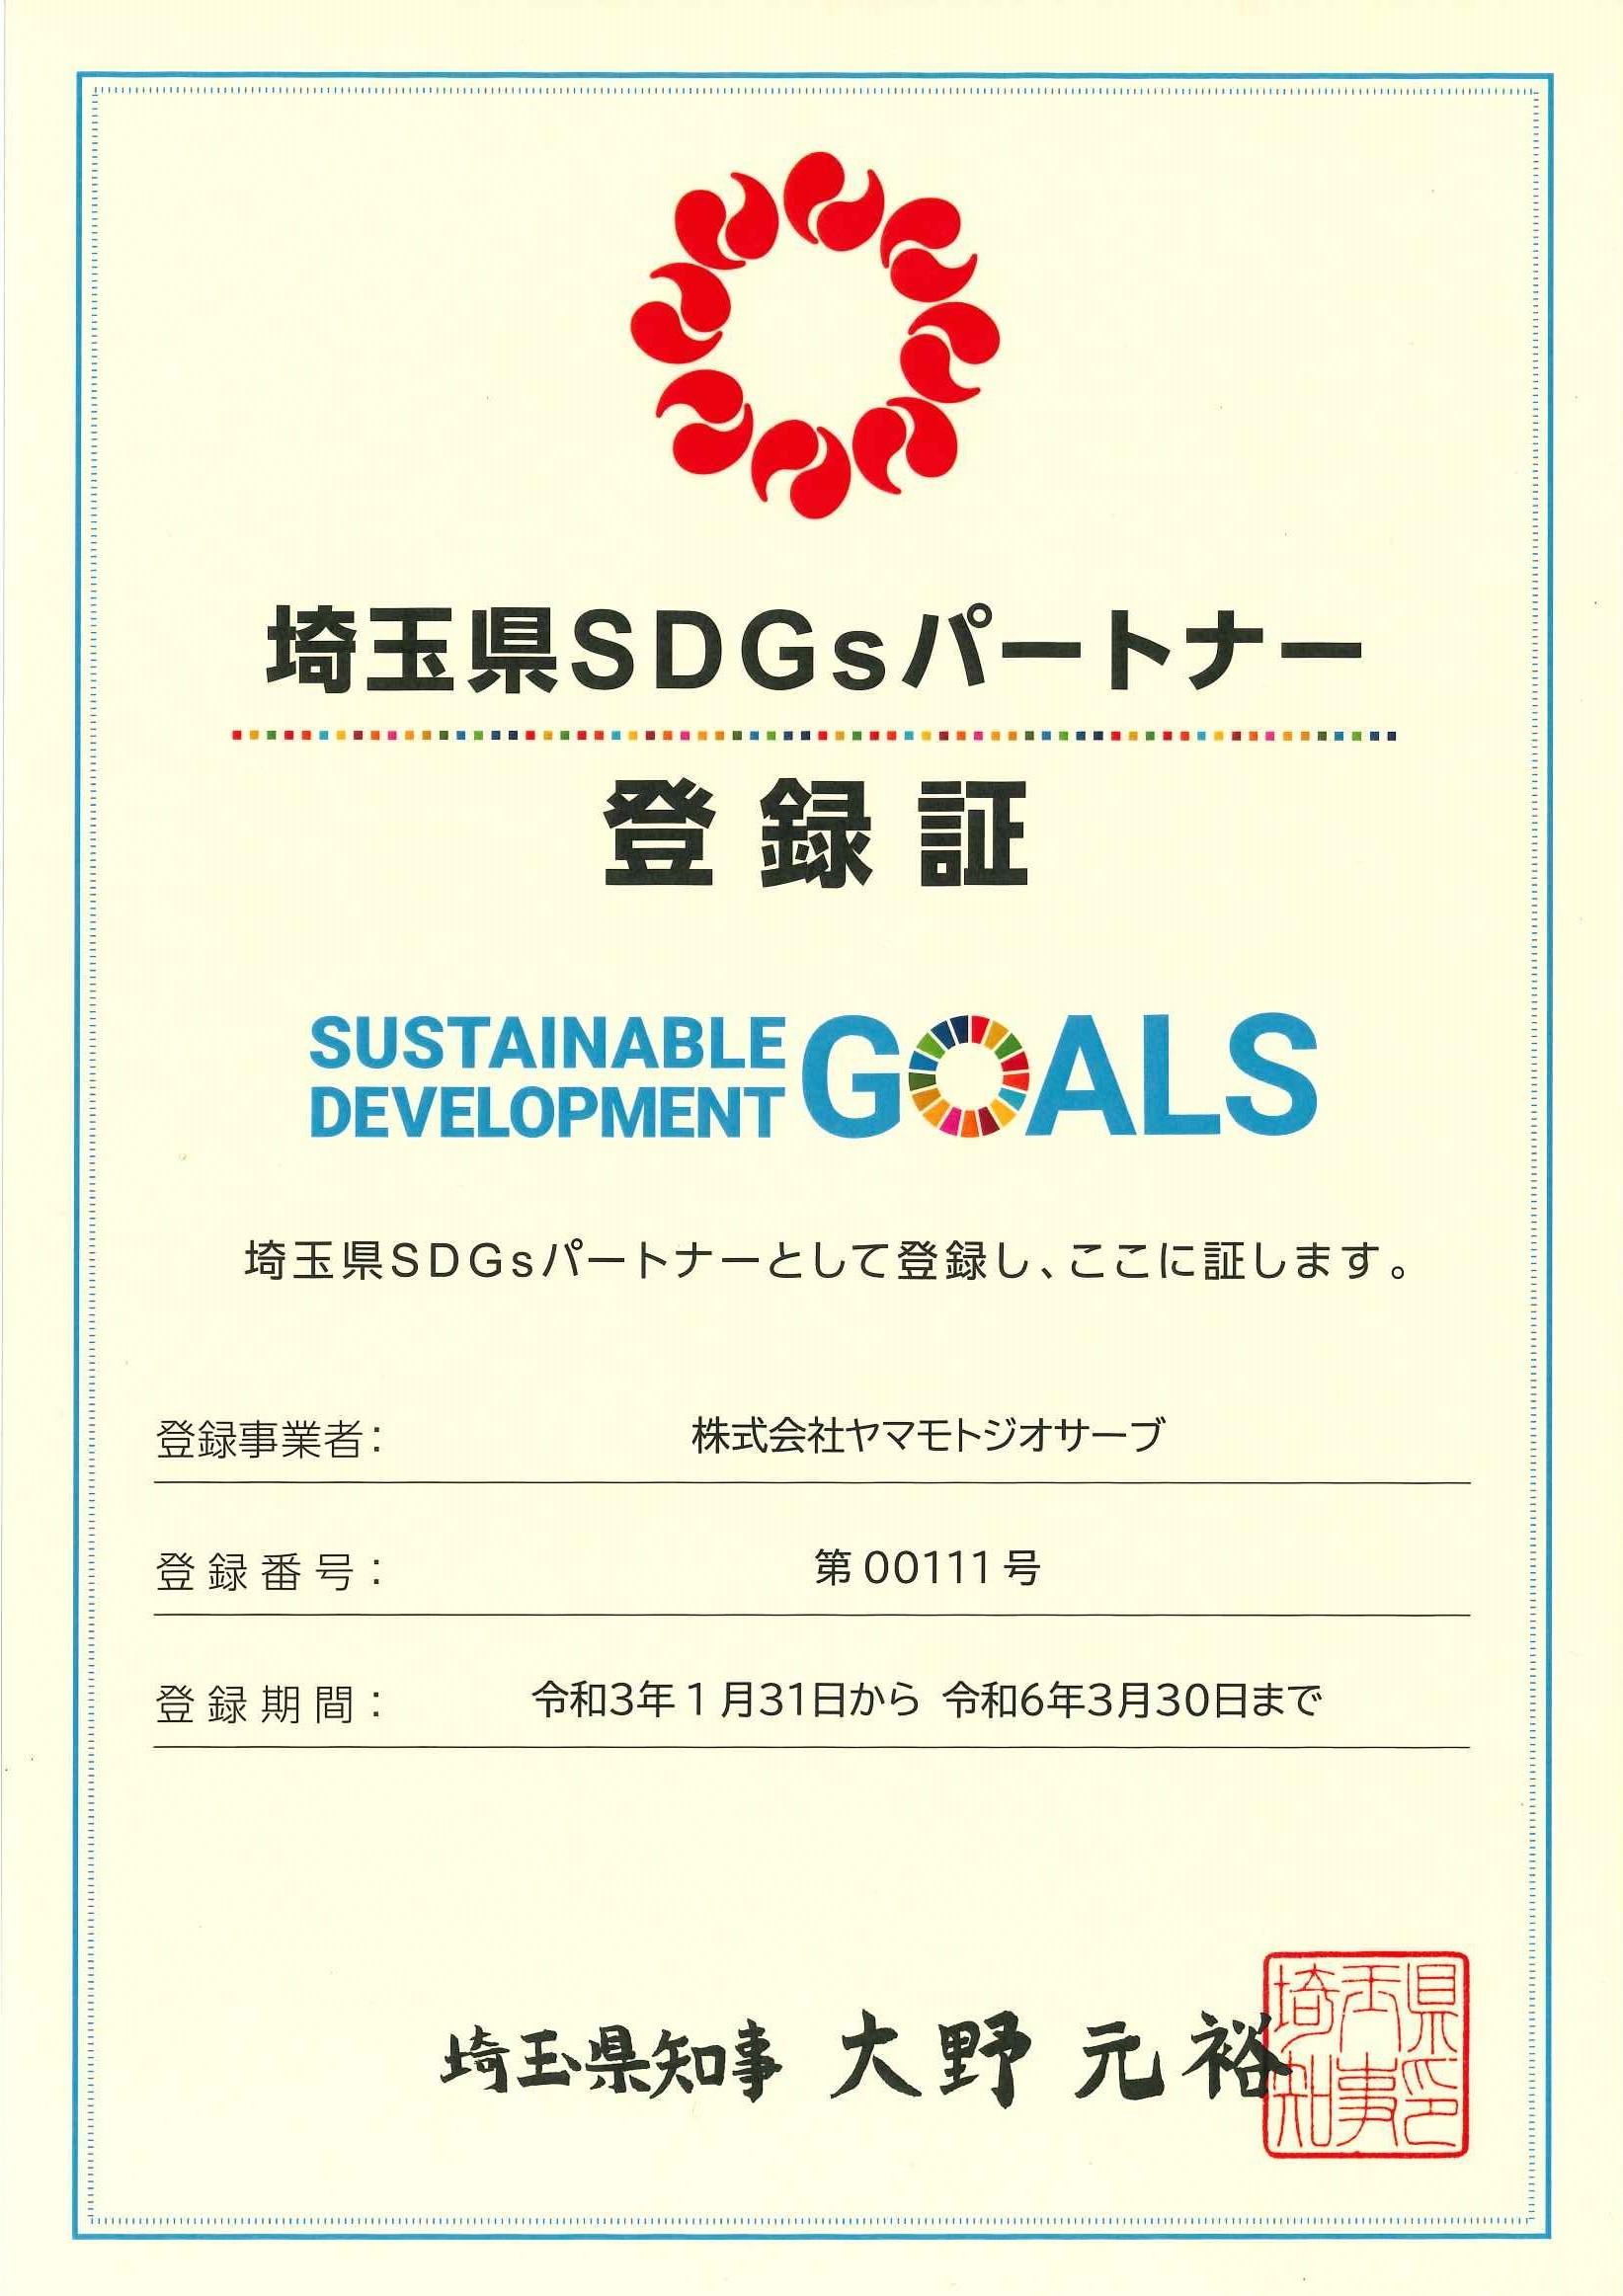 埼玉県SDGsパートナーに登録されました